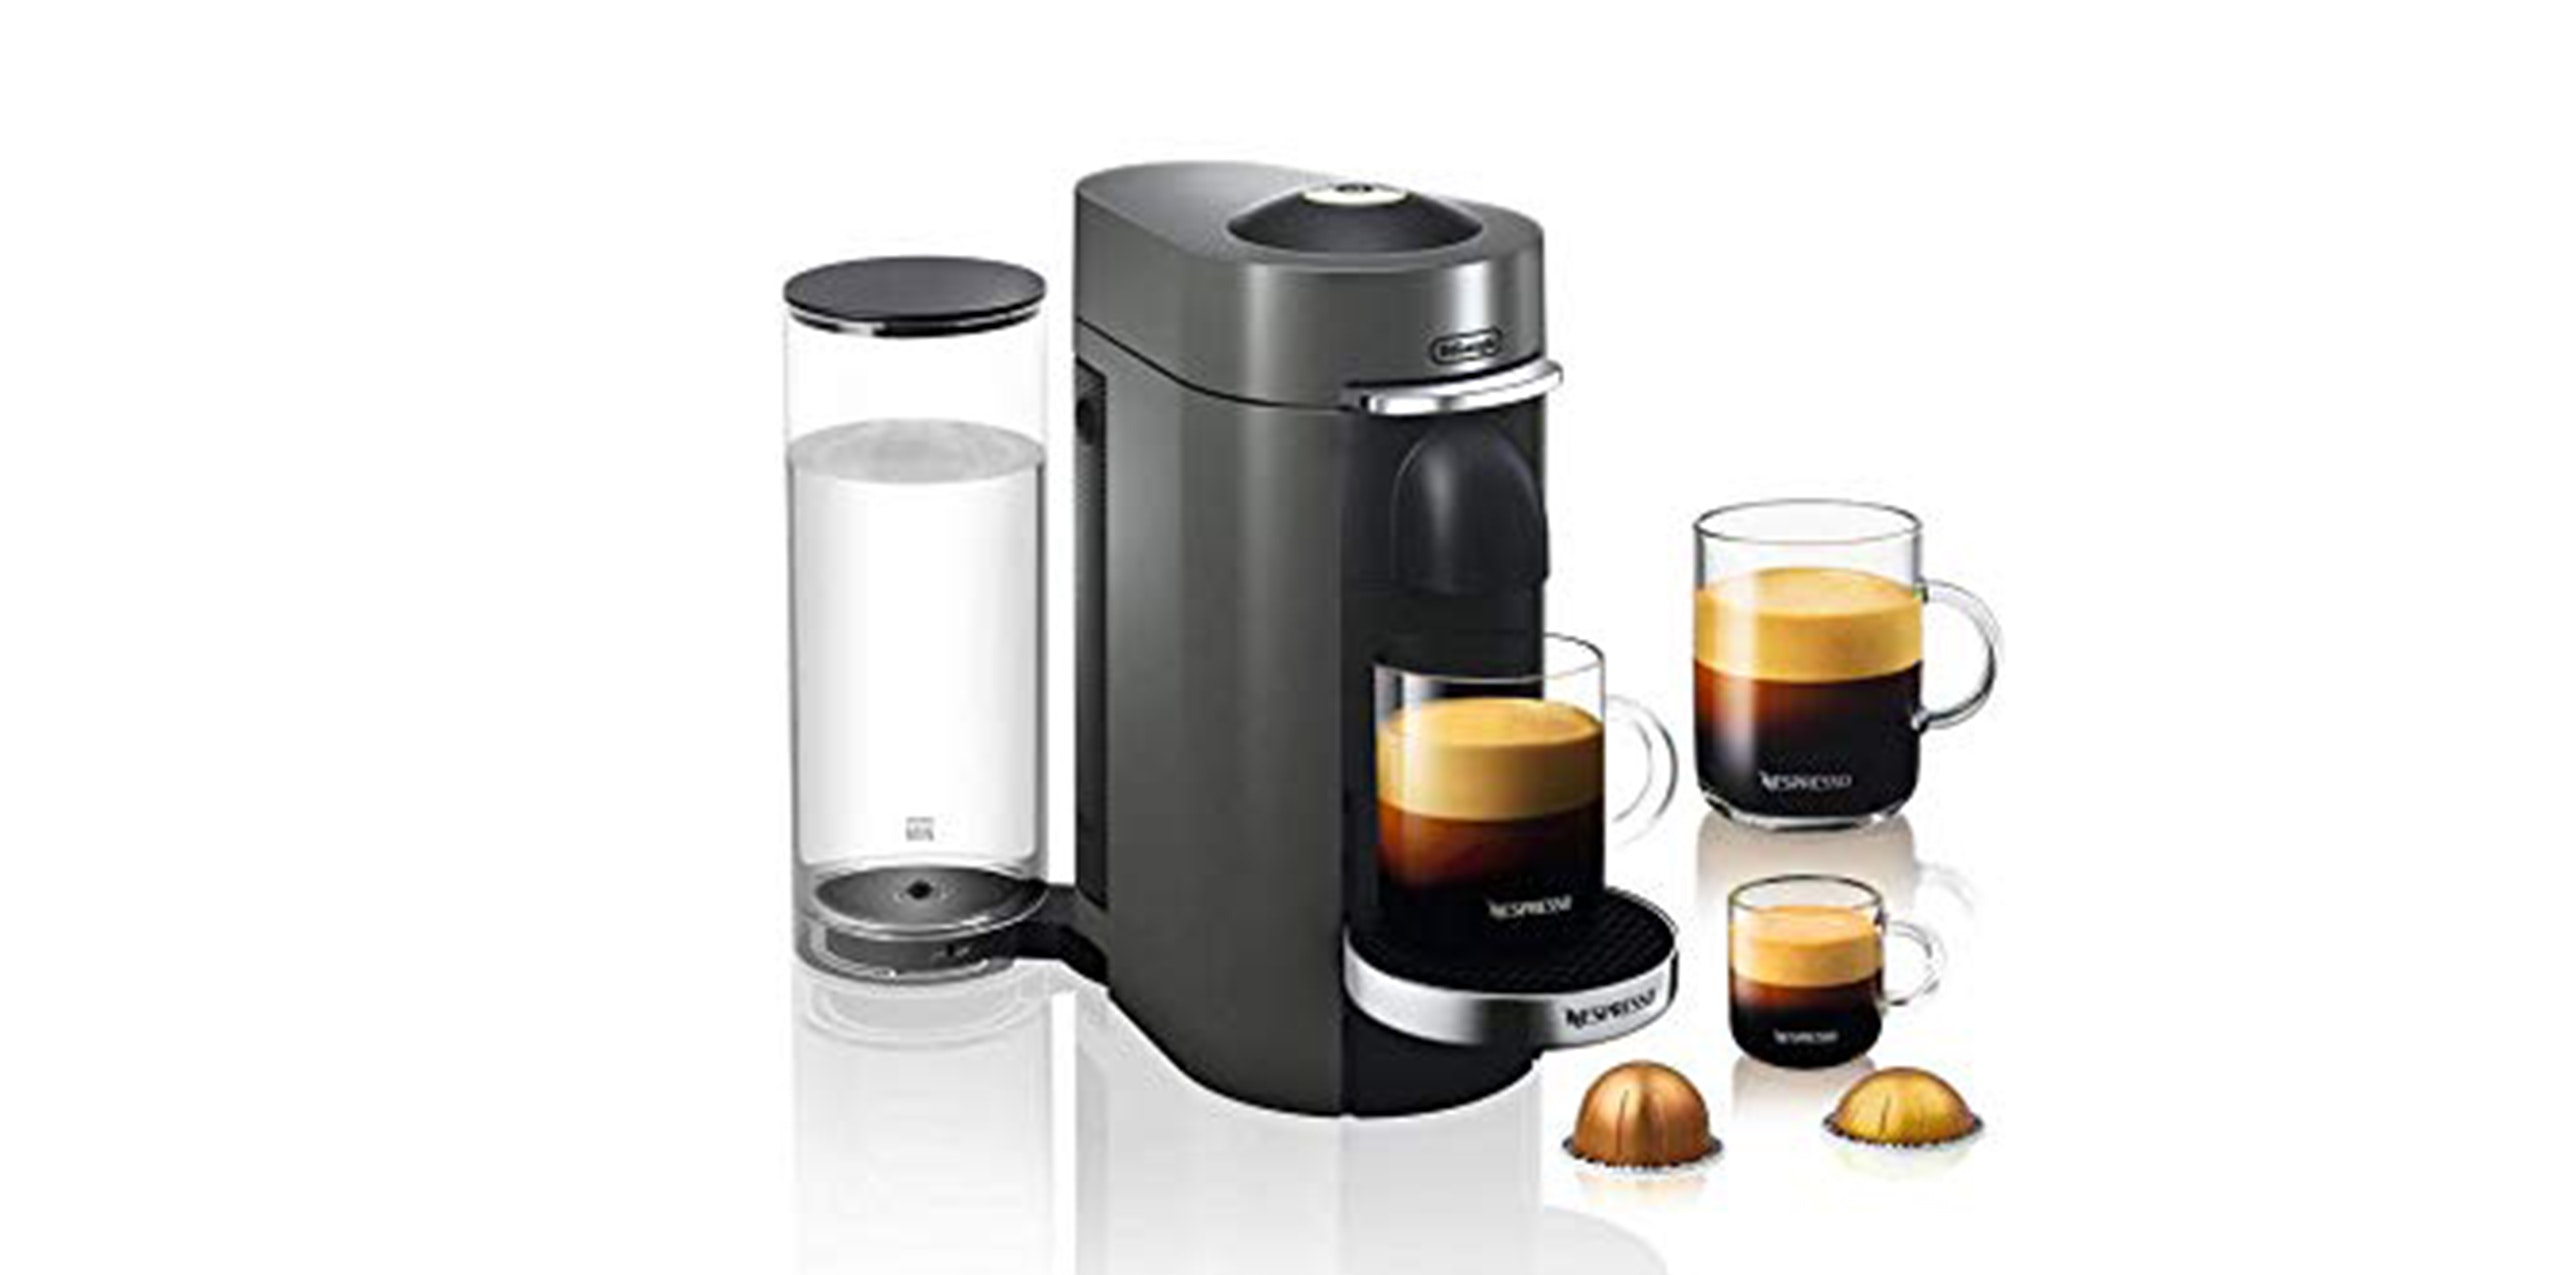 best prime day kitchen deals Nespresso